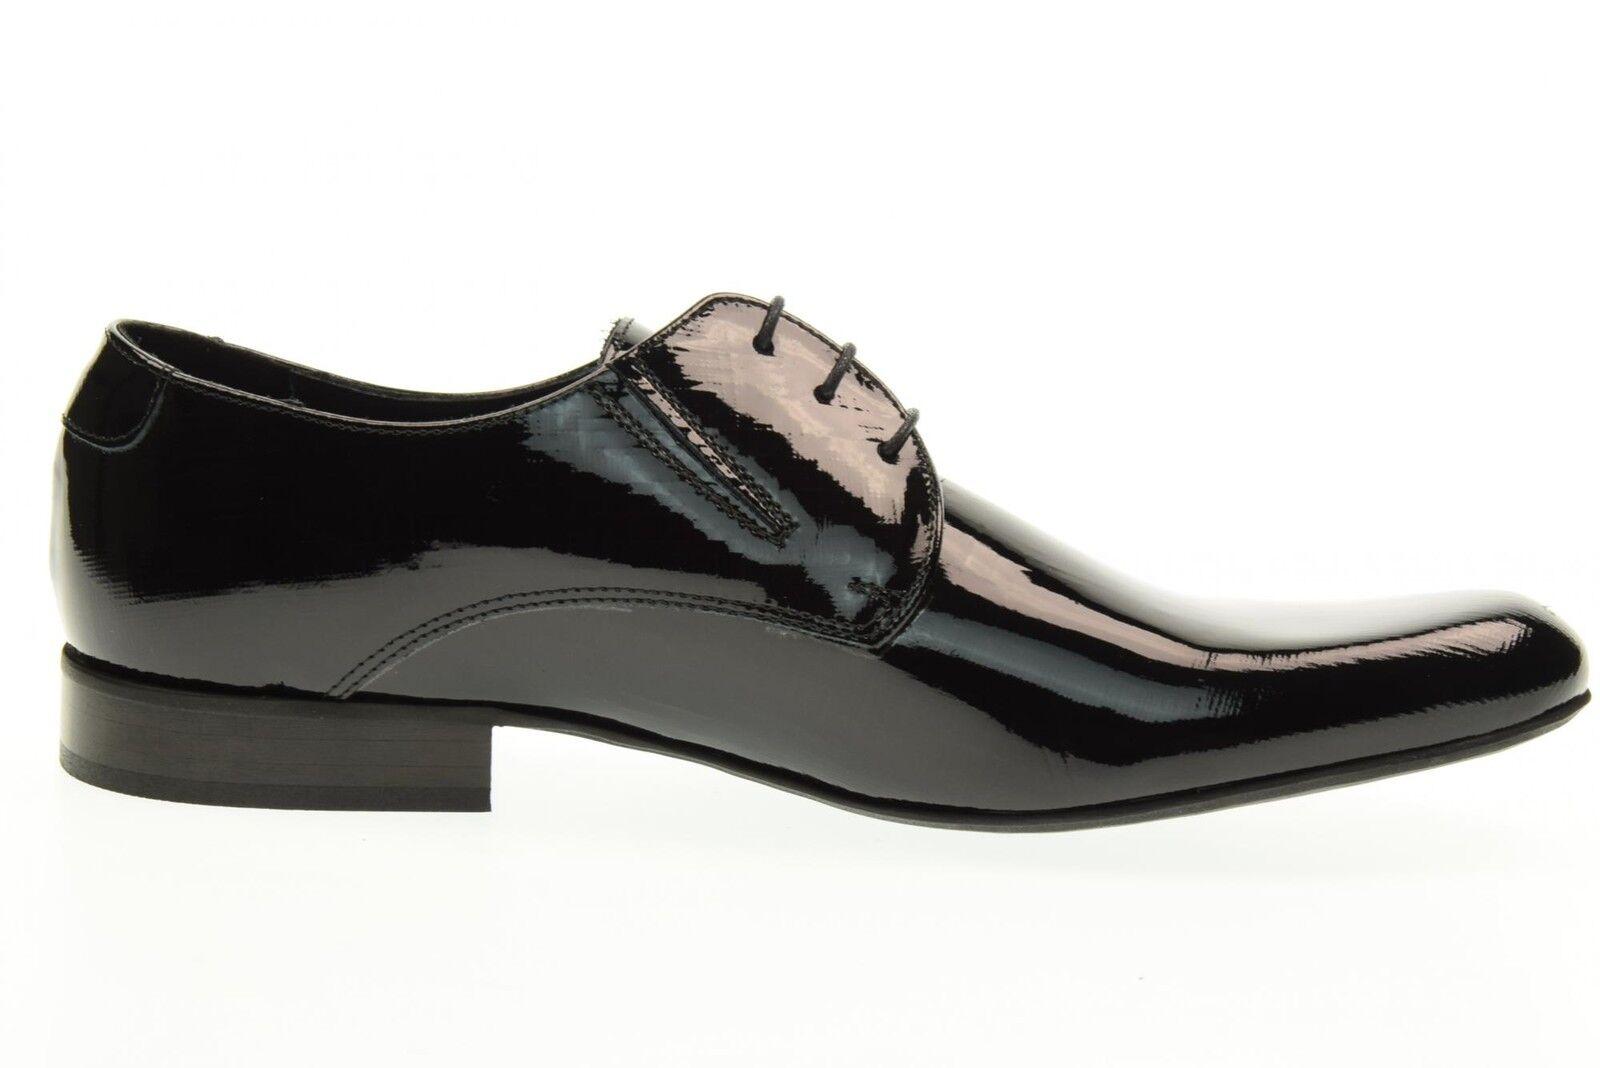 Eveet scarpe uomo uomo uomo stringate 16510 P17 28b0d2